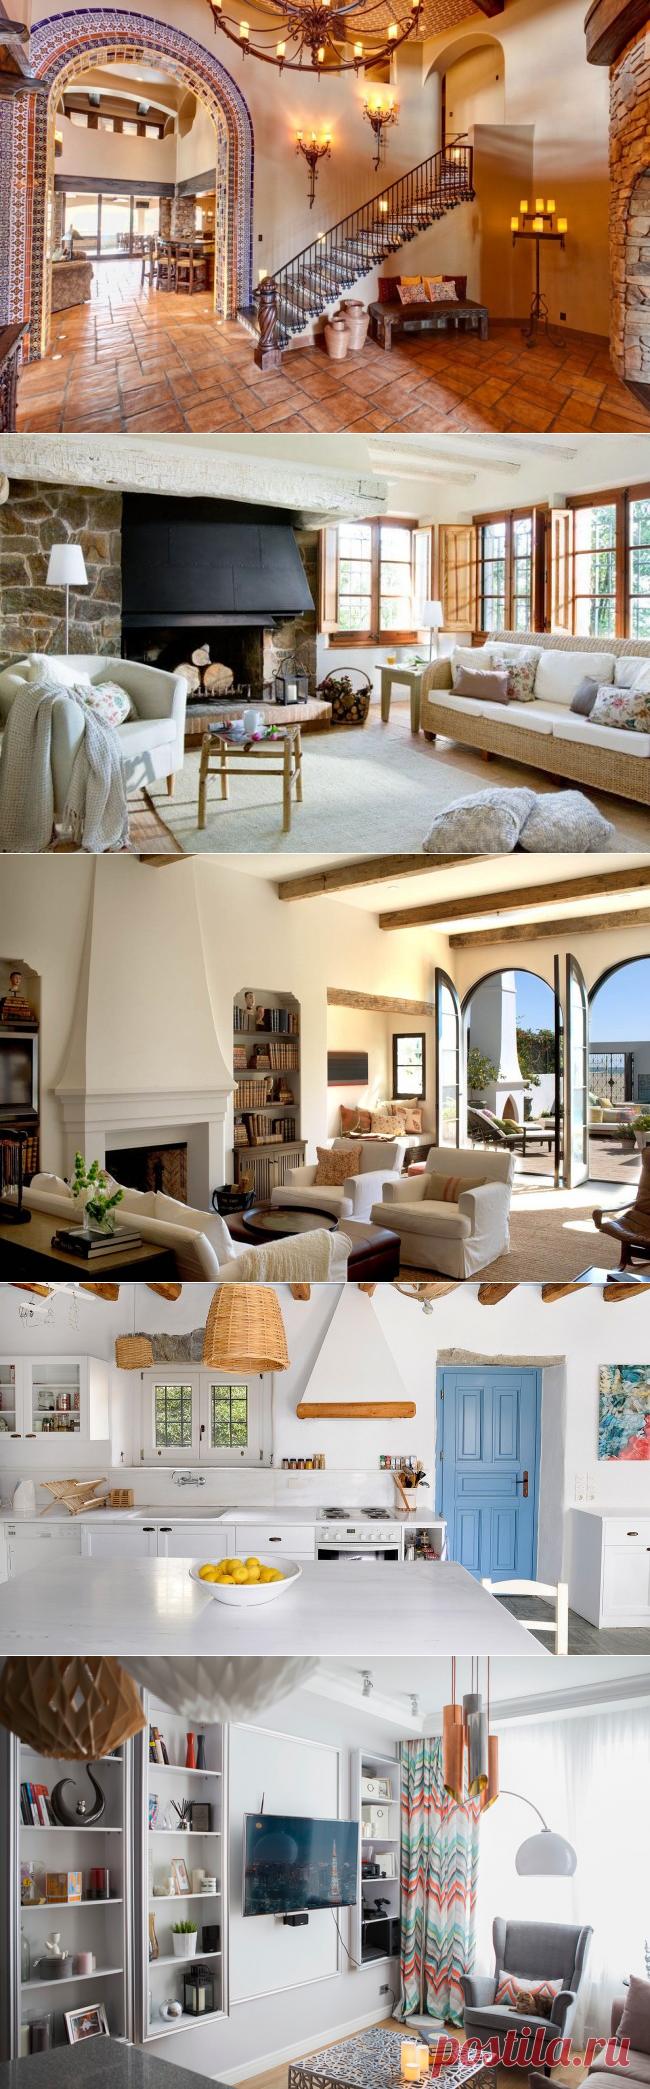 Оформление жилья в средиземноморском стиле